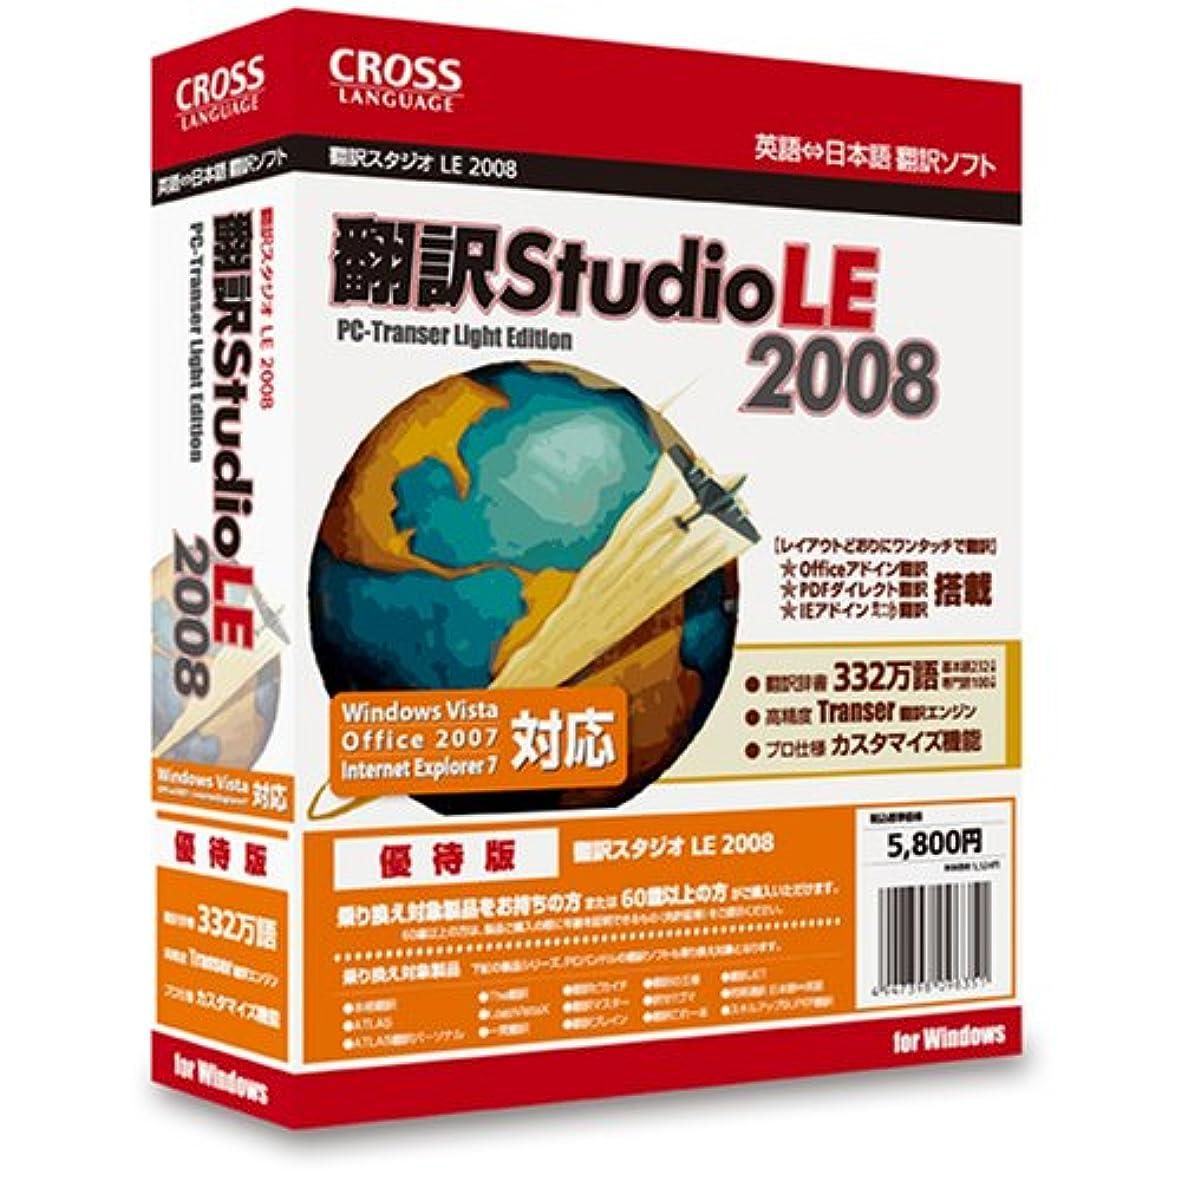 大砲先ぼかし翻訳スタジオ LE 2008 優待版